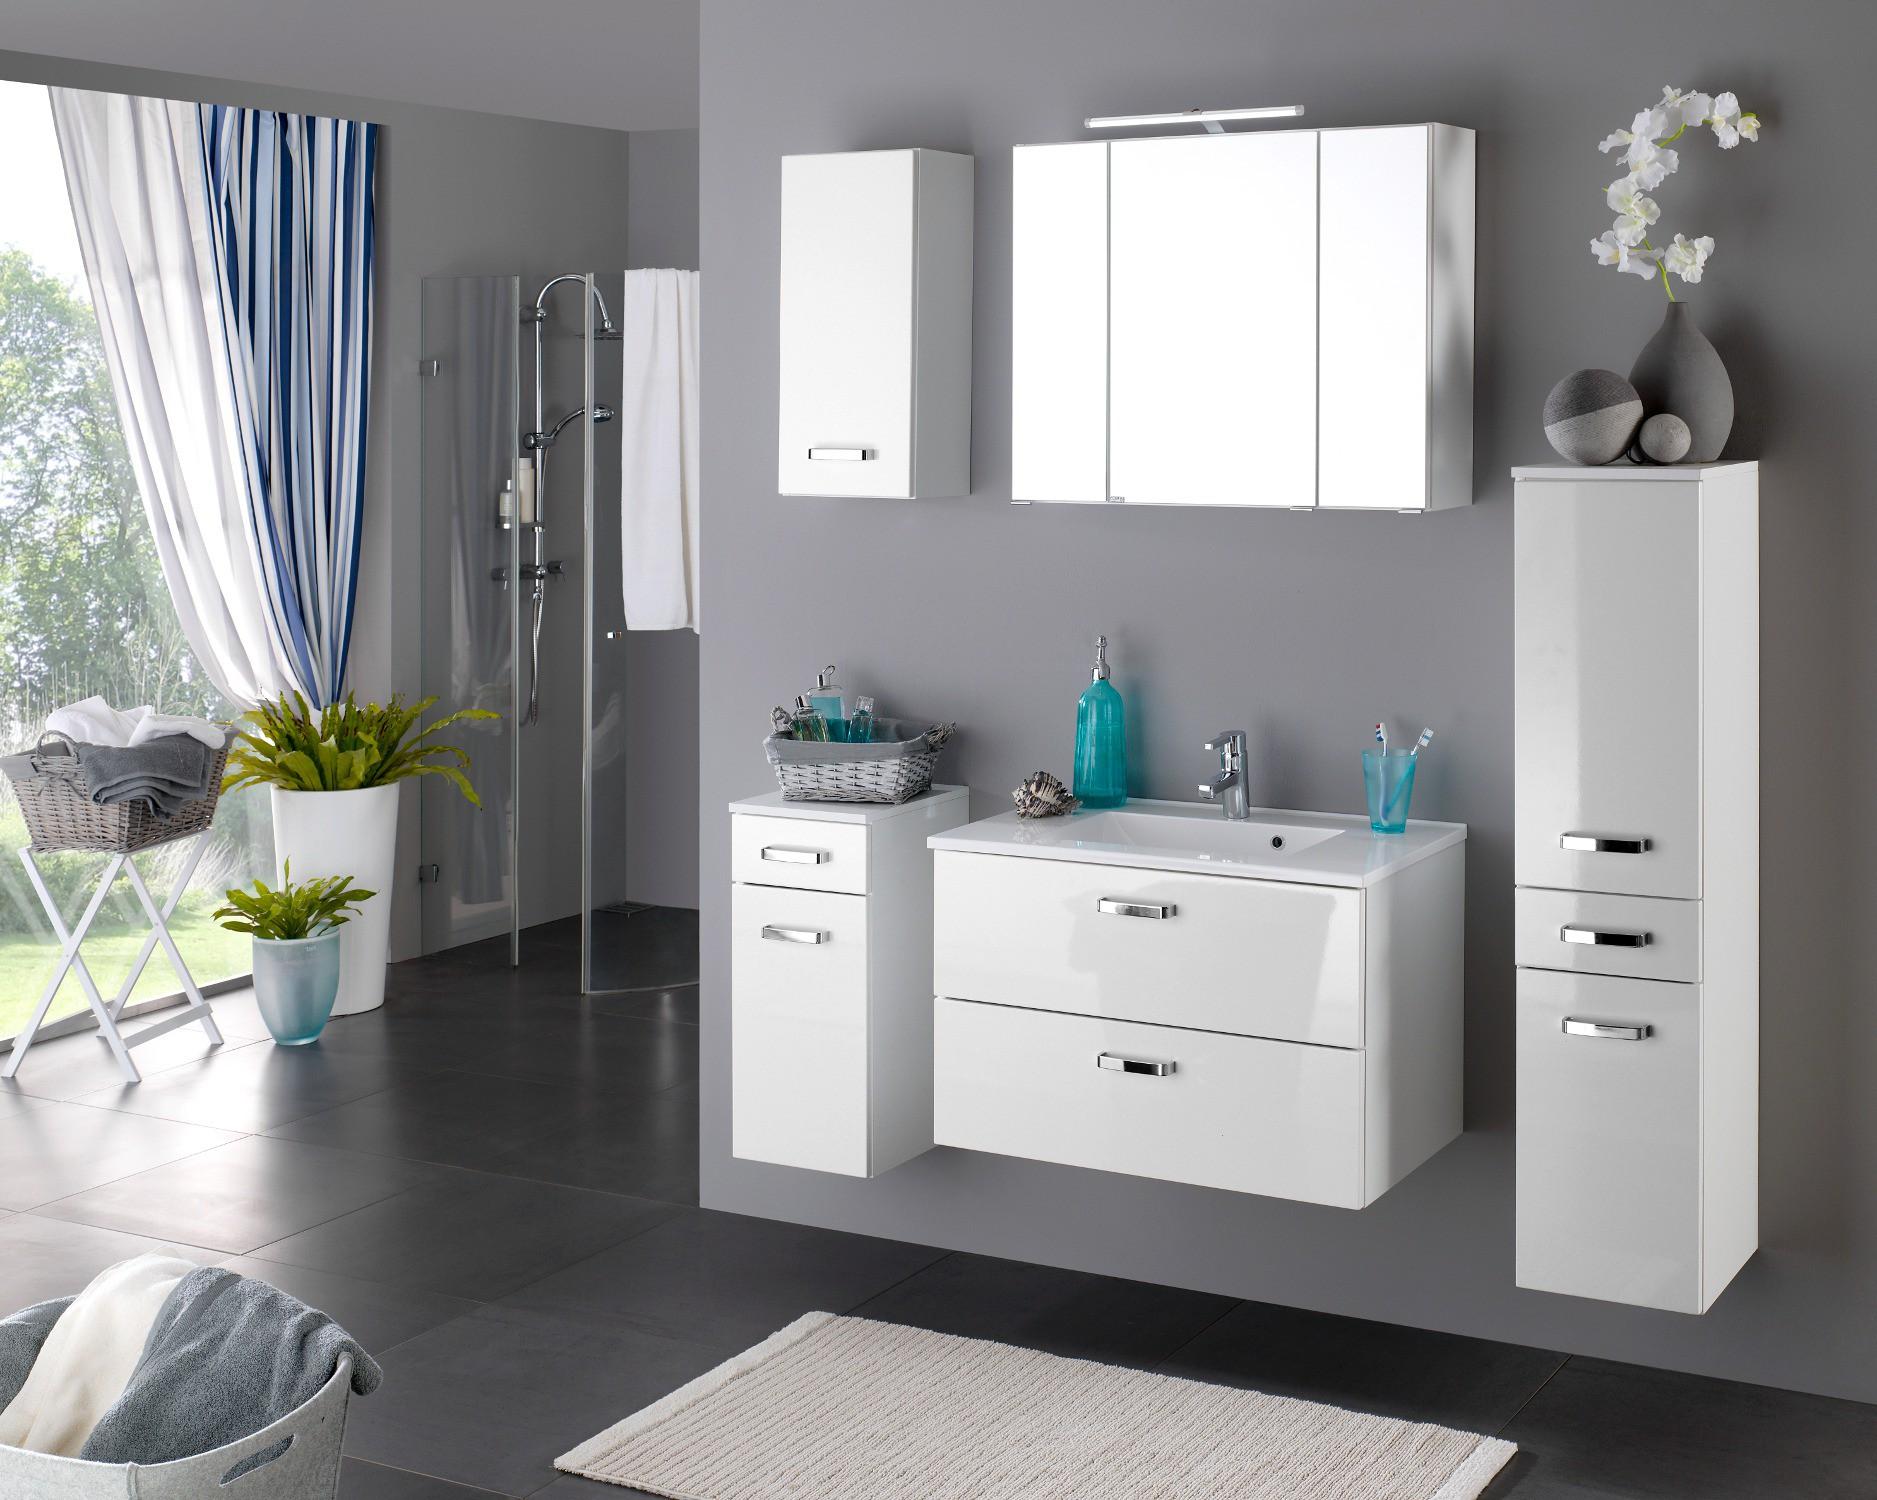 Waschbecken Küche Weiß Abgehängte Decke Küche Mobilia Weiß Syphon